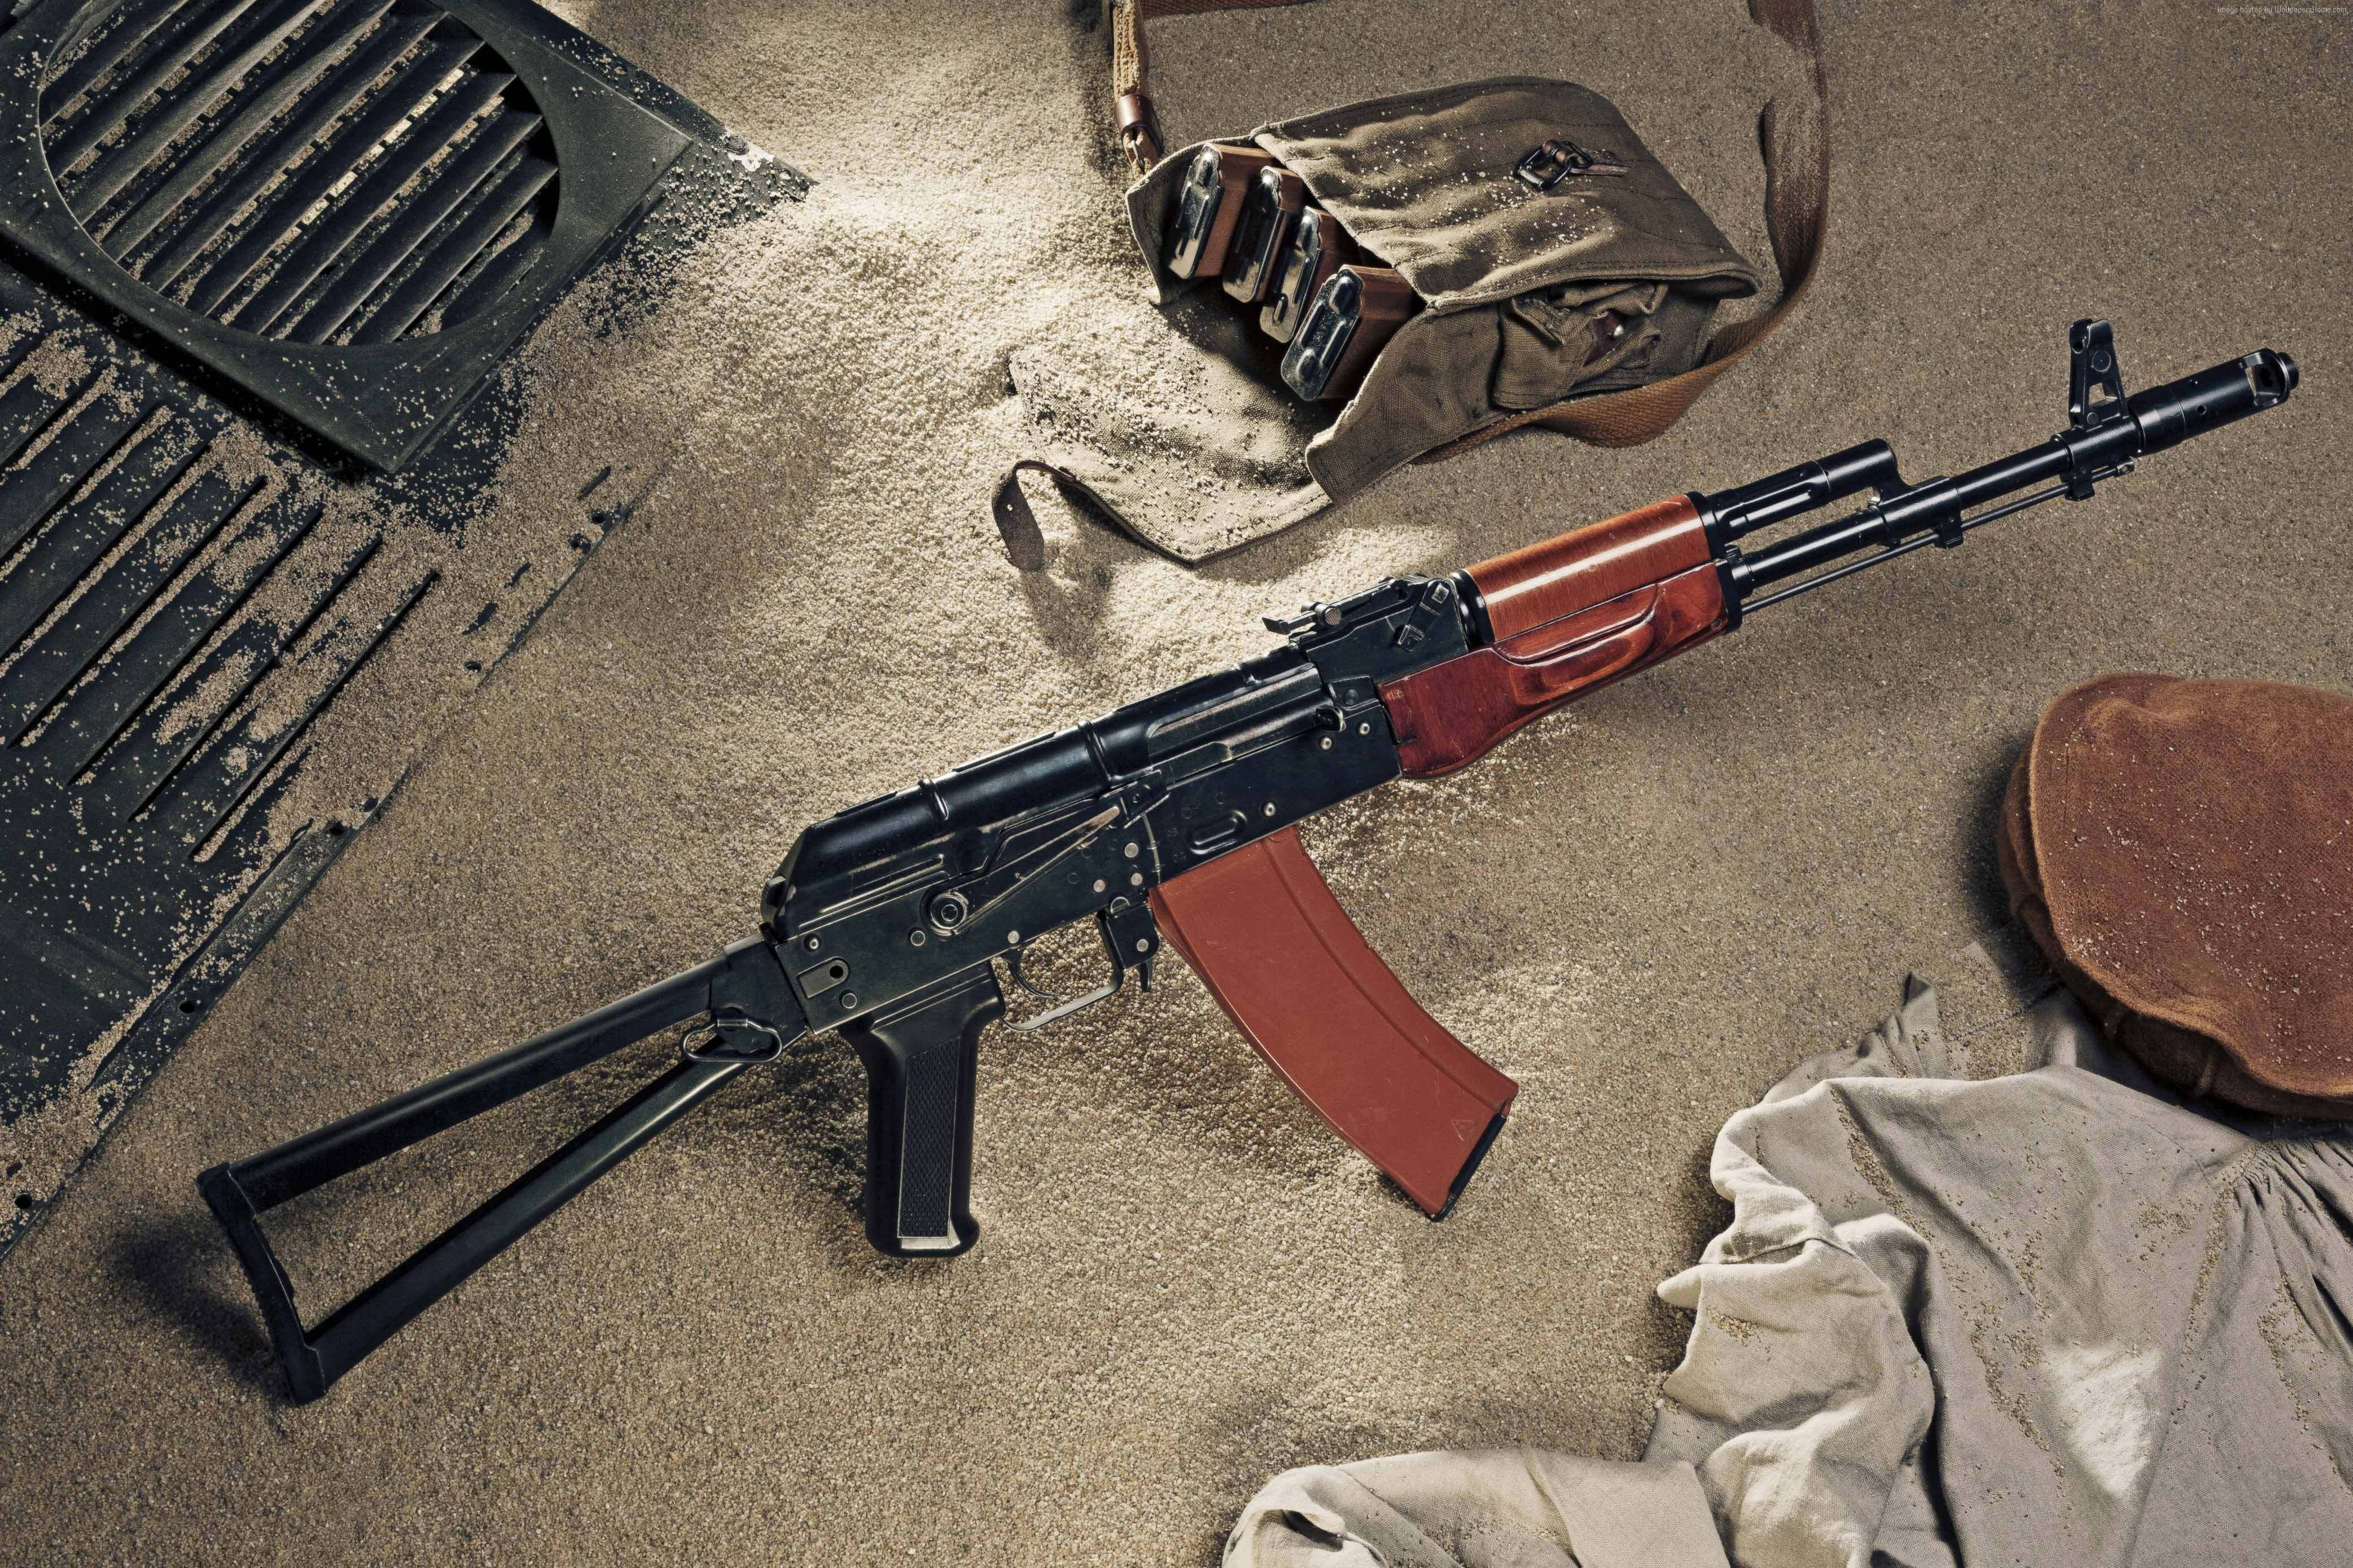 4169x2779 > Ak-74 Wallpapers